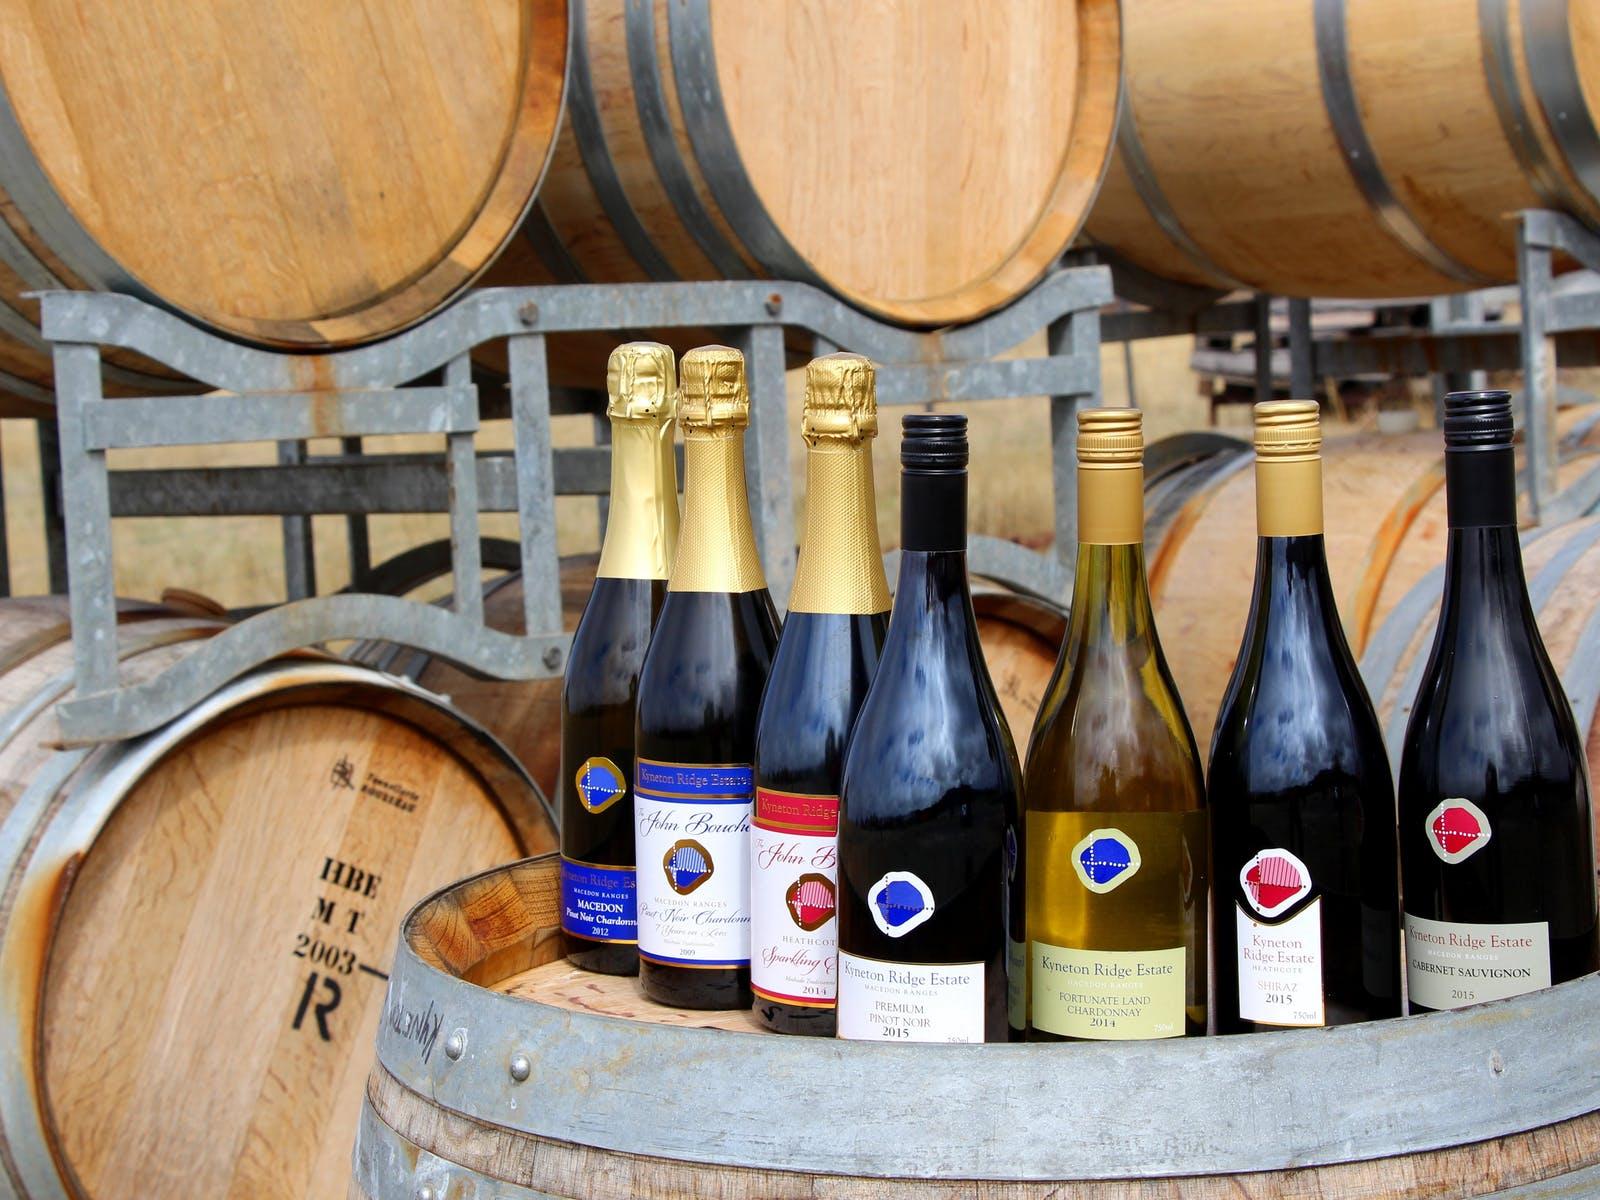 Kyneton Ridge Wines